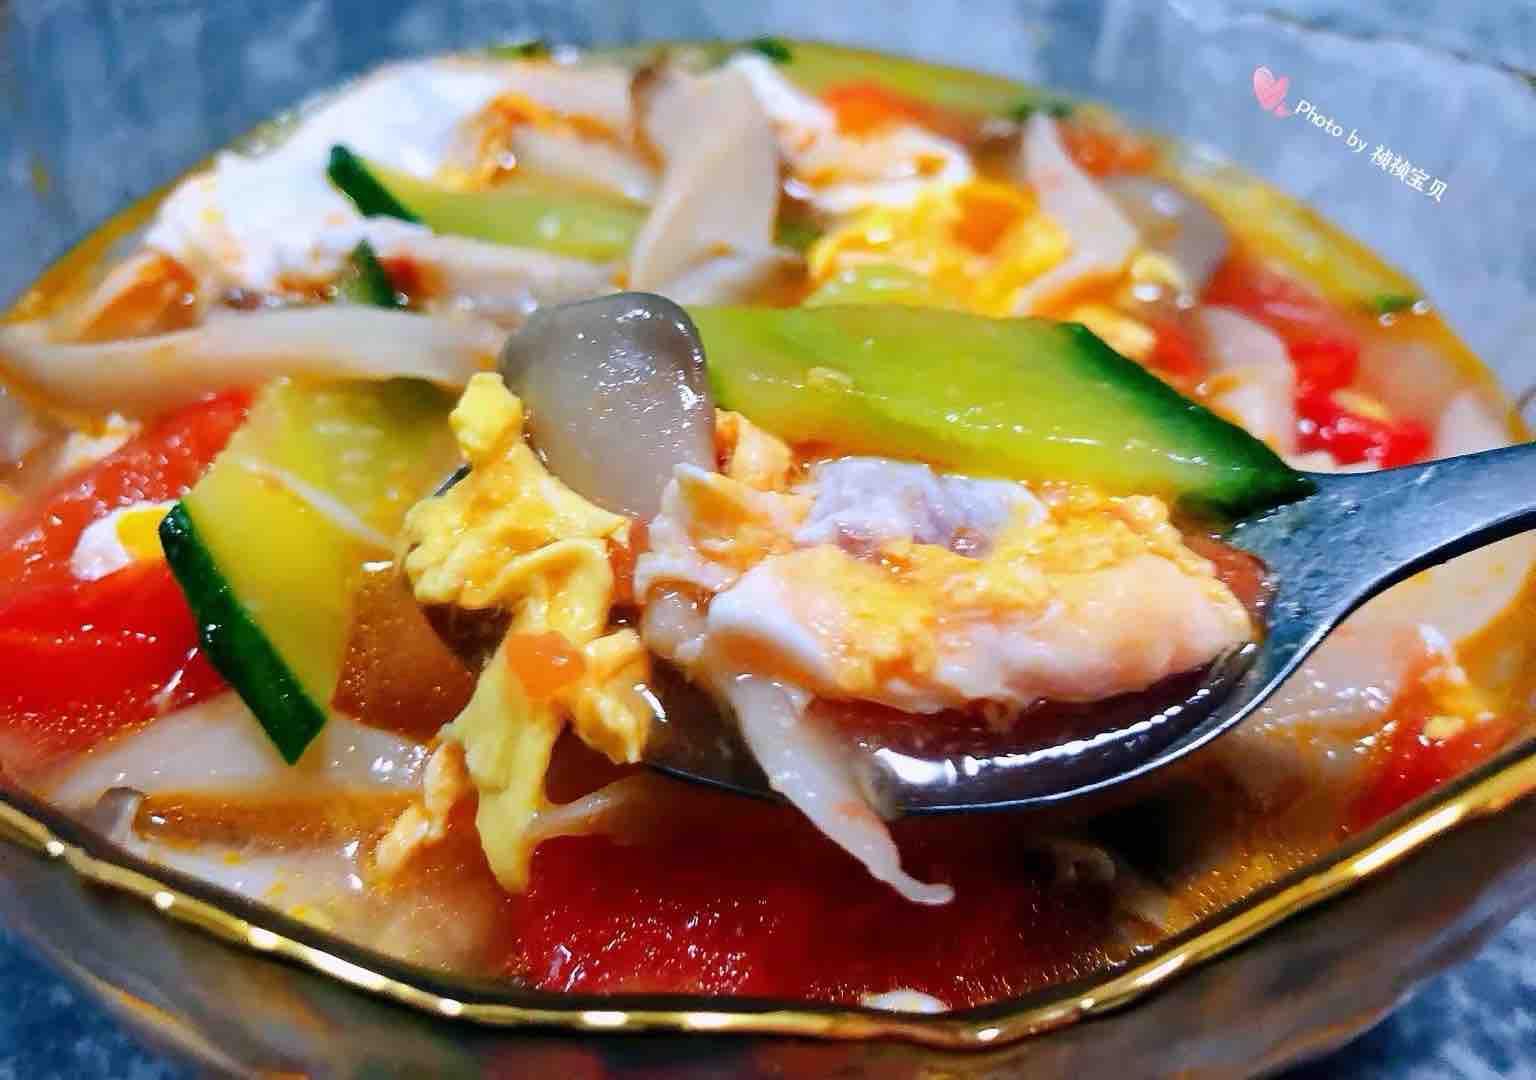 西红柿平菇黄瓜蛋花汤怎样炒